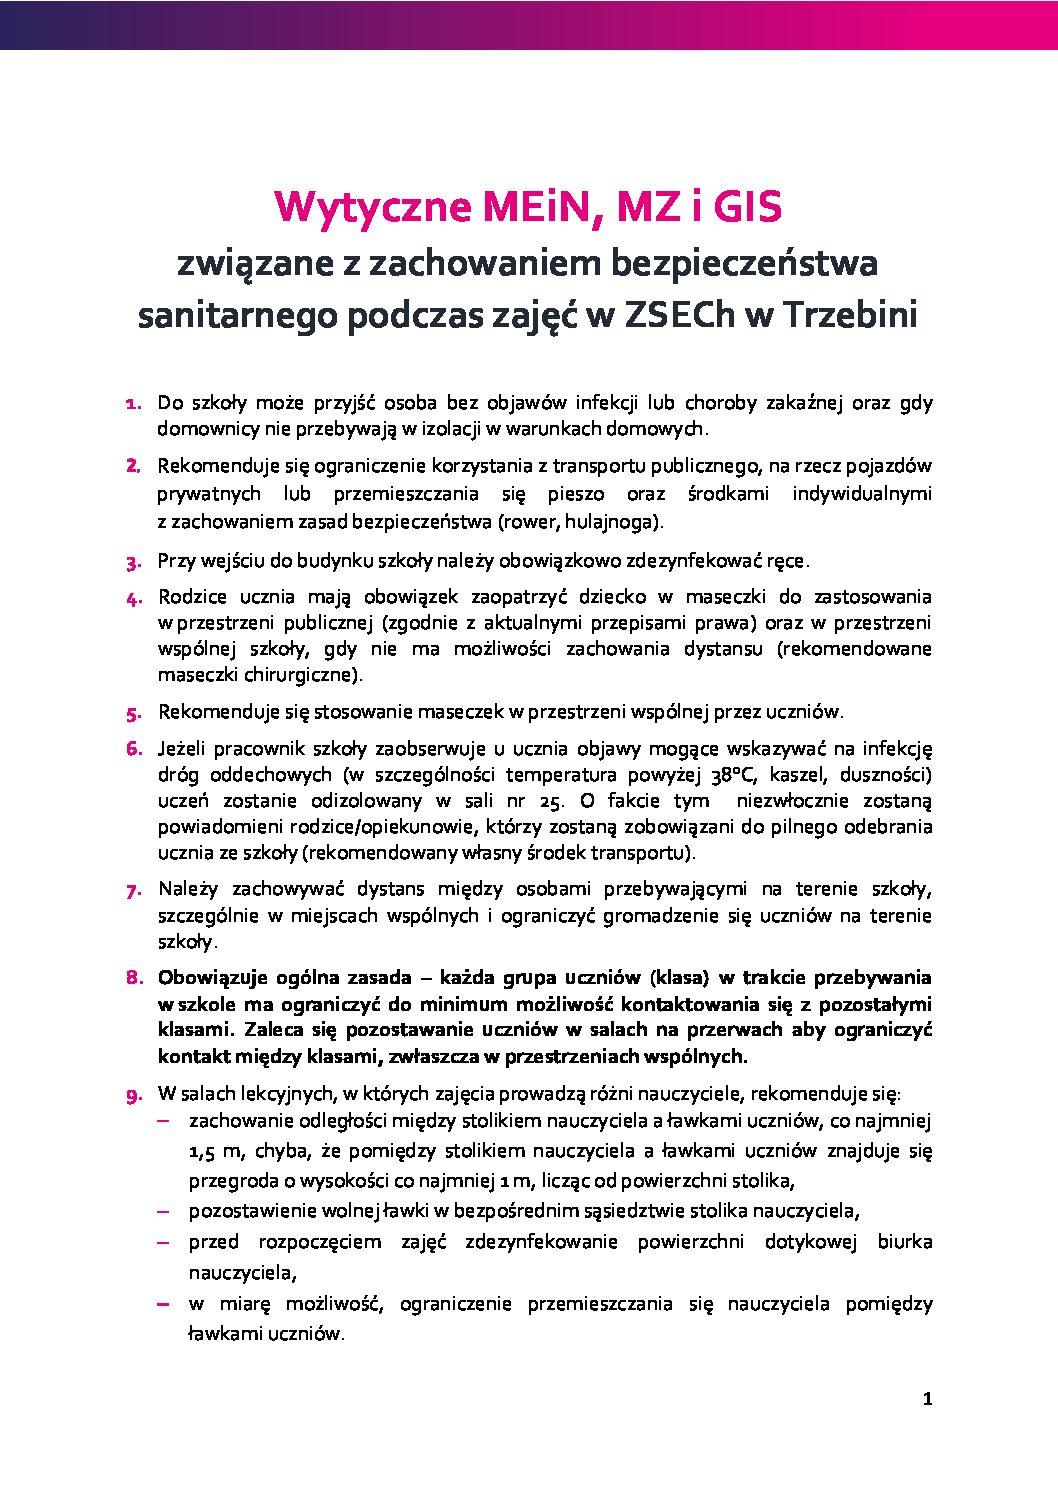 Wytyczne-MEiN-MZ-GIS-zwiazane-z-zachowaniem-bezpieczenstwa-sanitarnego-podczas-zajec-w-ZSECh-w-Trzebini